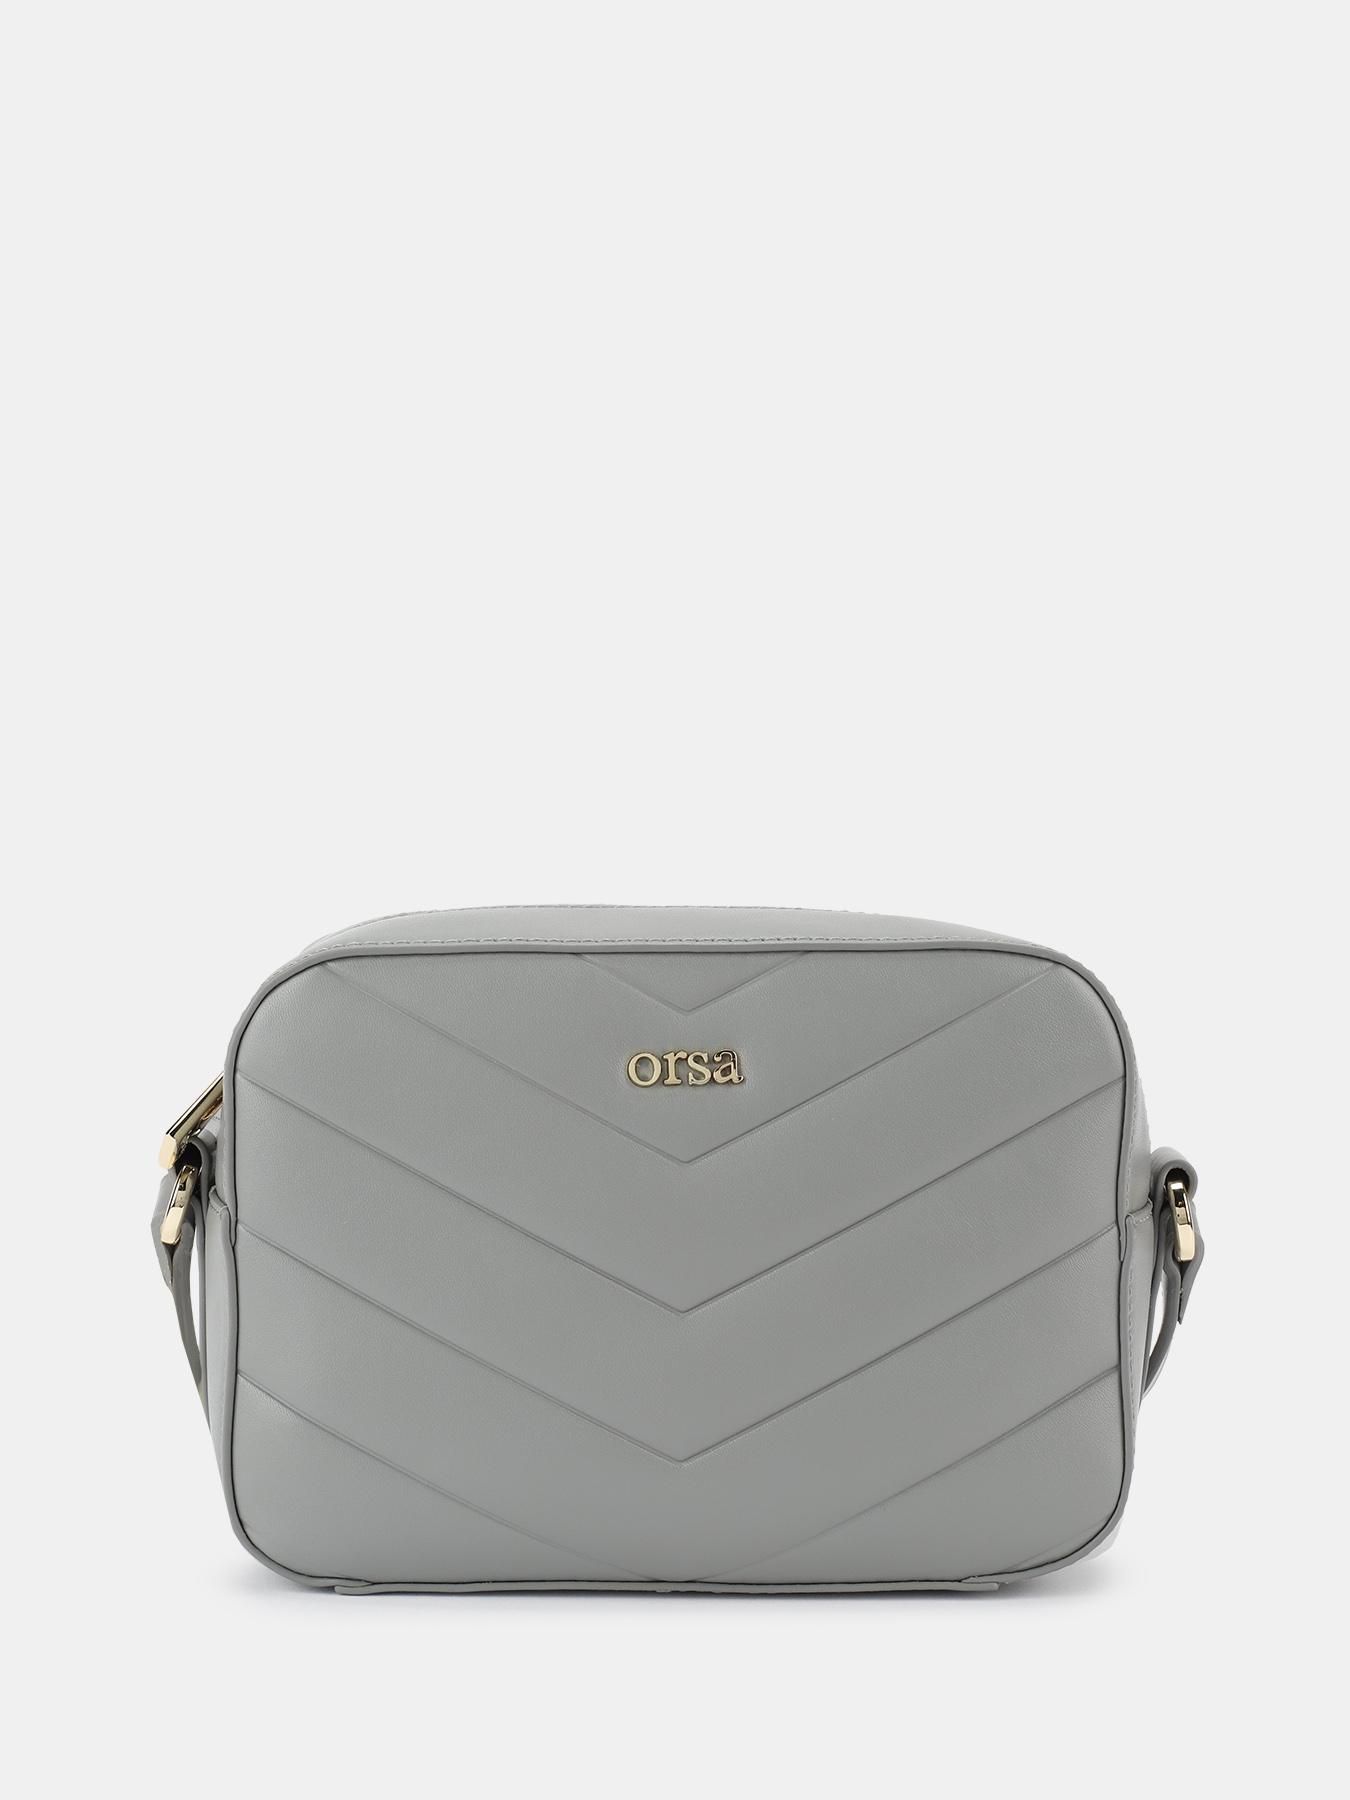 Фото - Сумки через плечо ORSA Женская сумка женская сумка grey 24645554